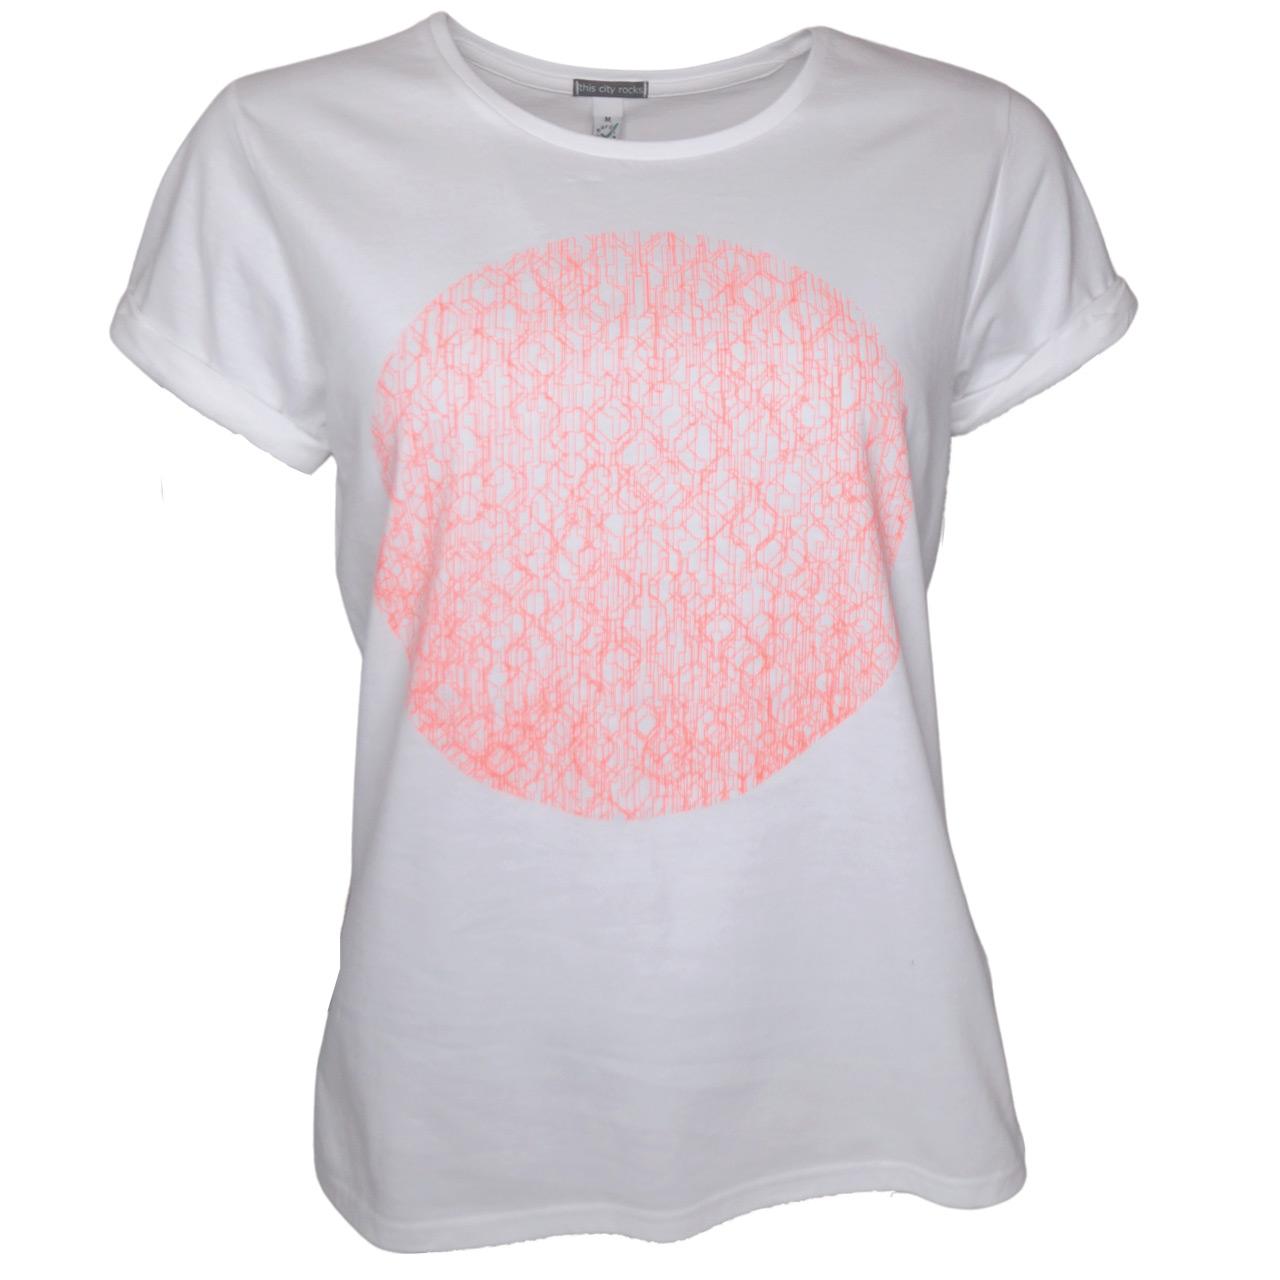 Berlin T-Shirt Kreis BW girls weiß/neonorange